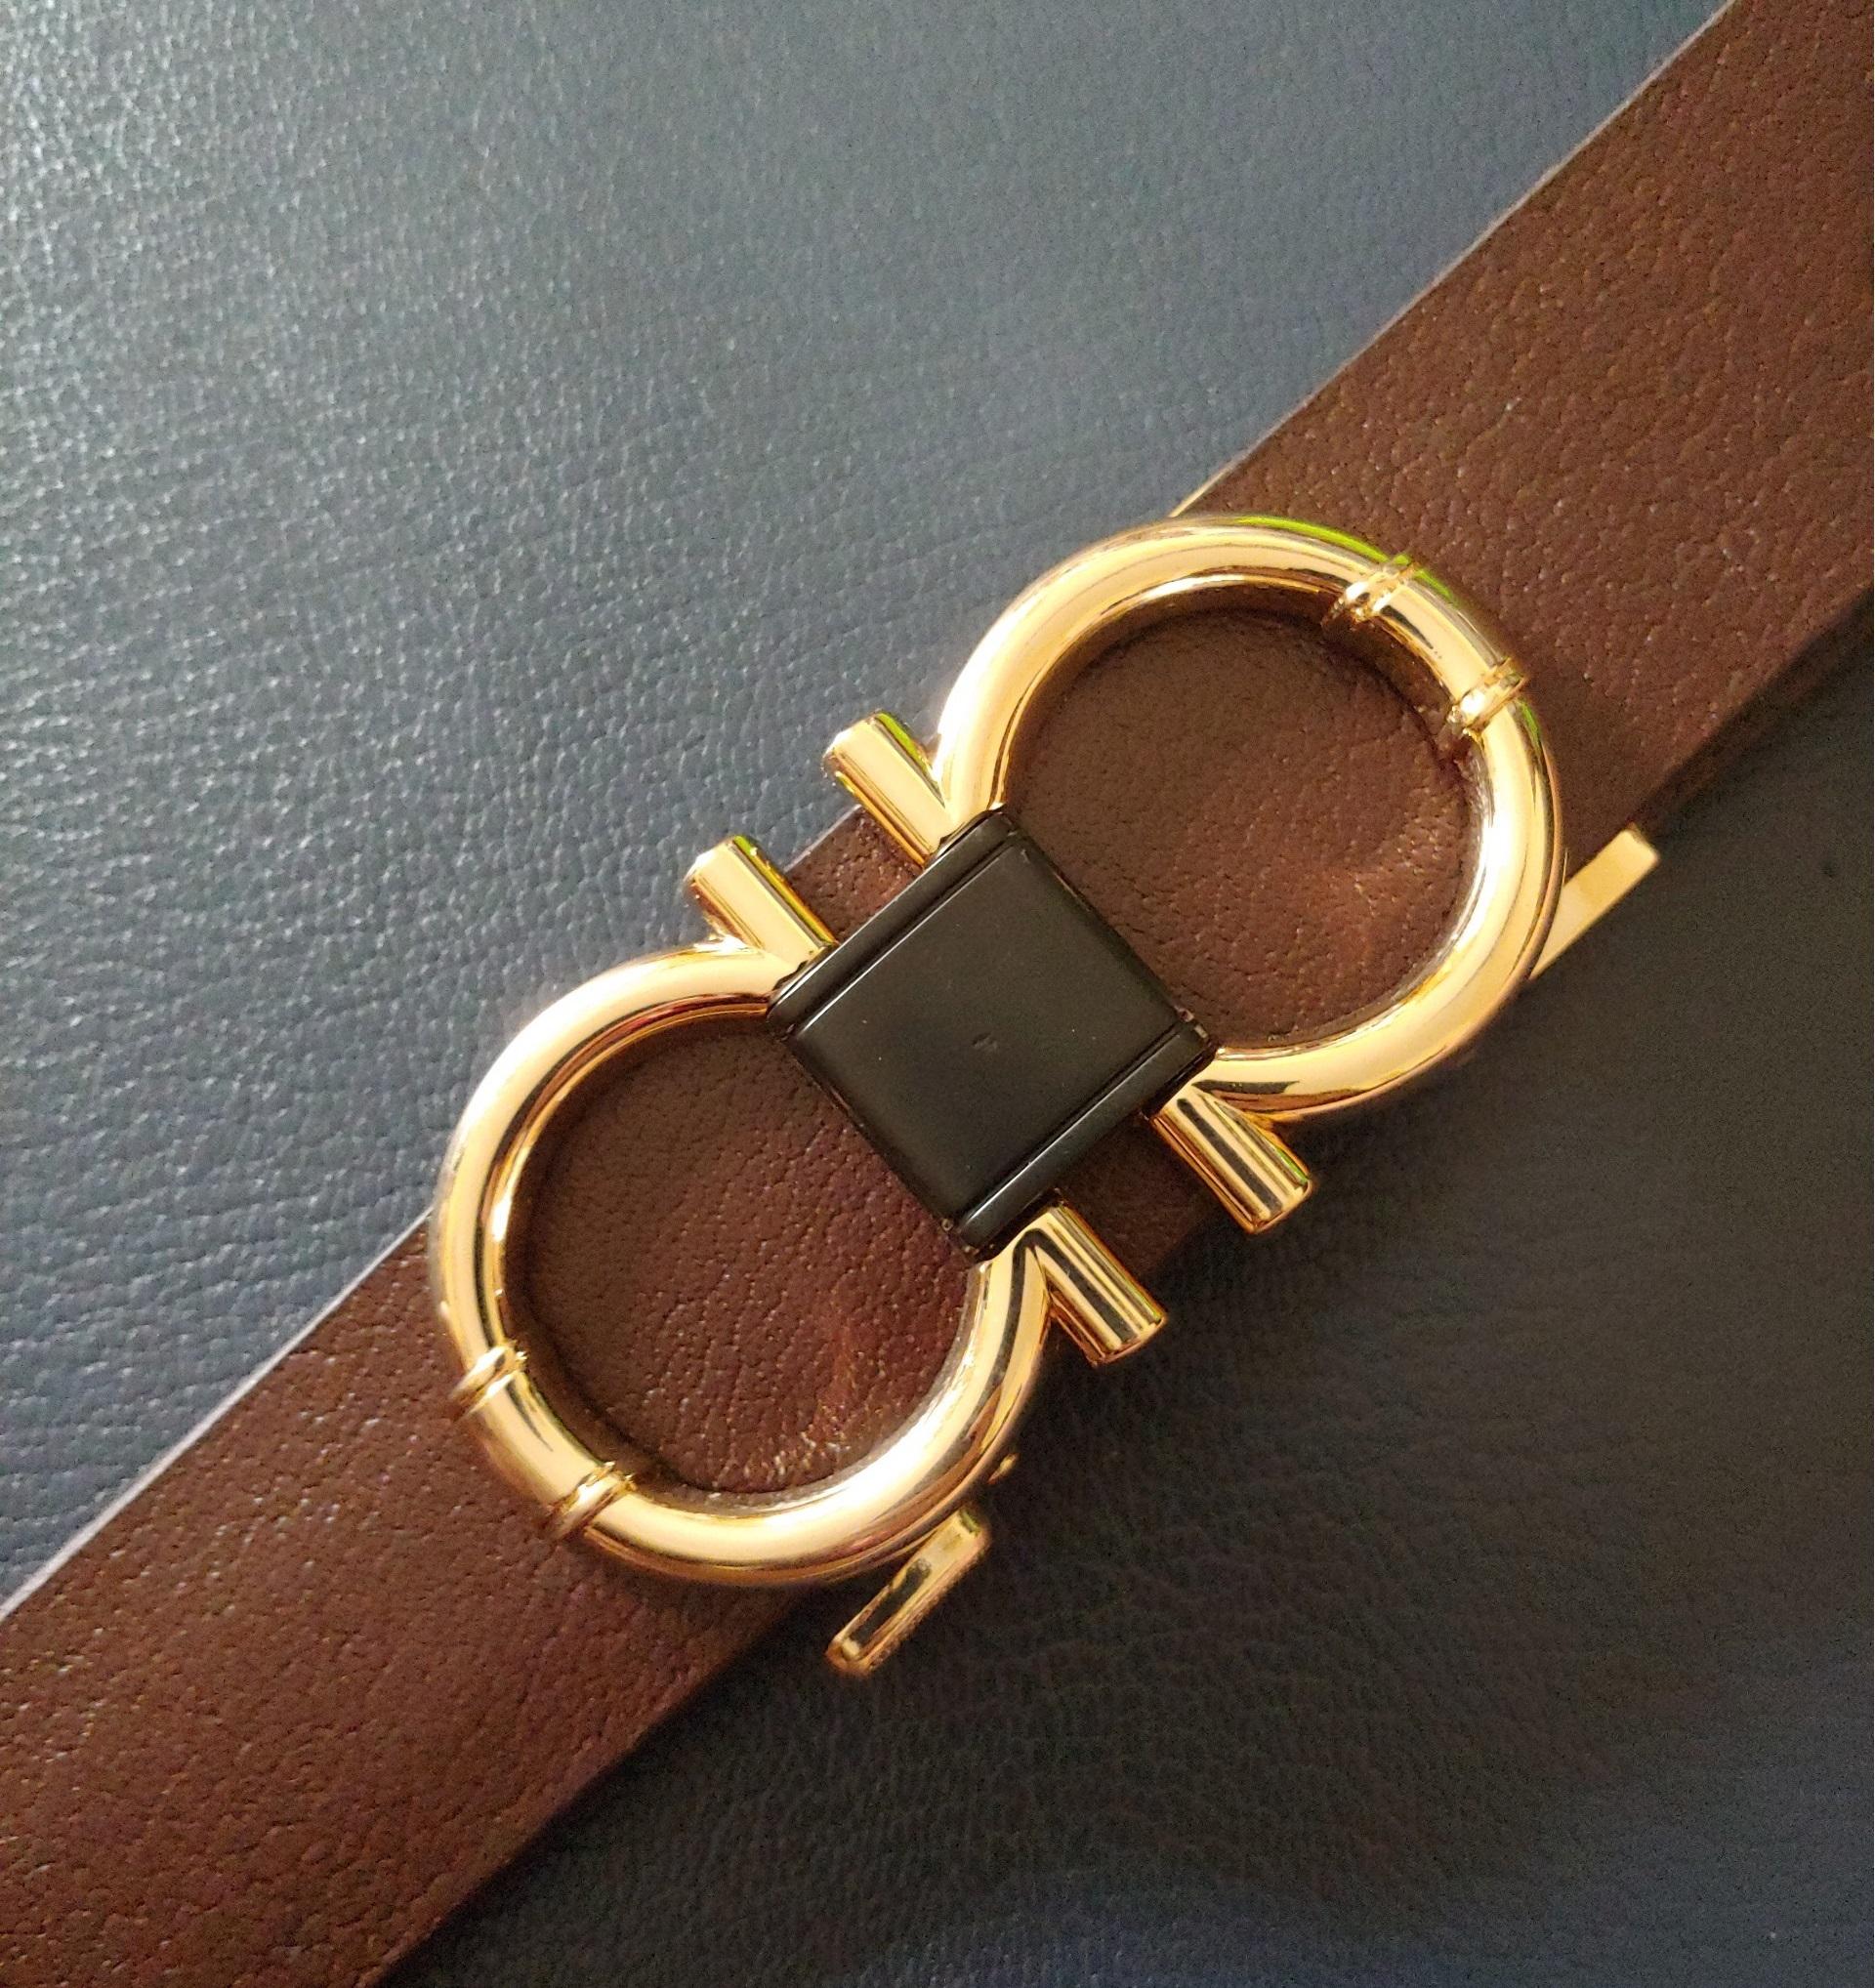 Thắt Lưng Nam Khóa Số 8 Gold Titan thời trang hàng hiệu